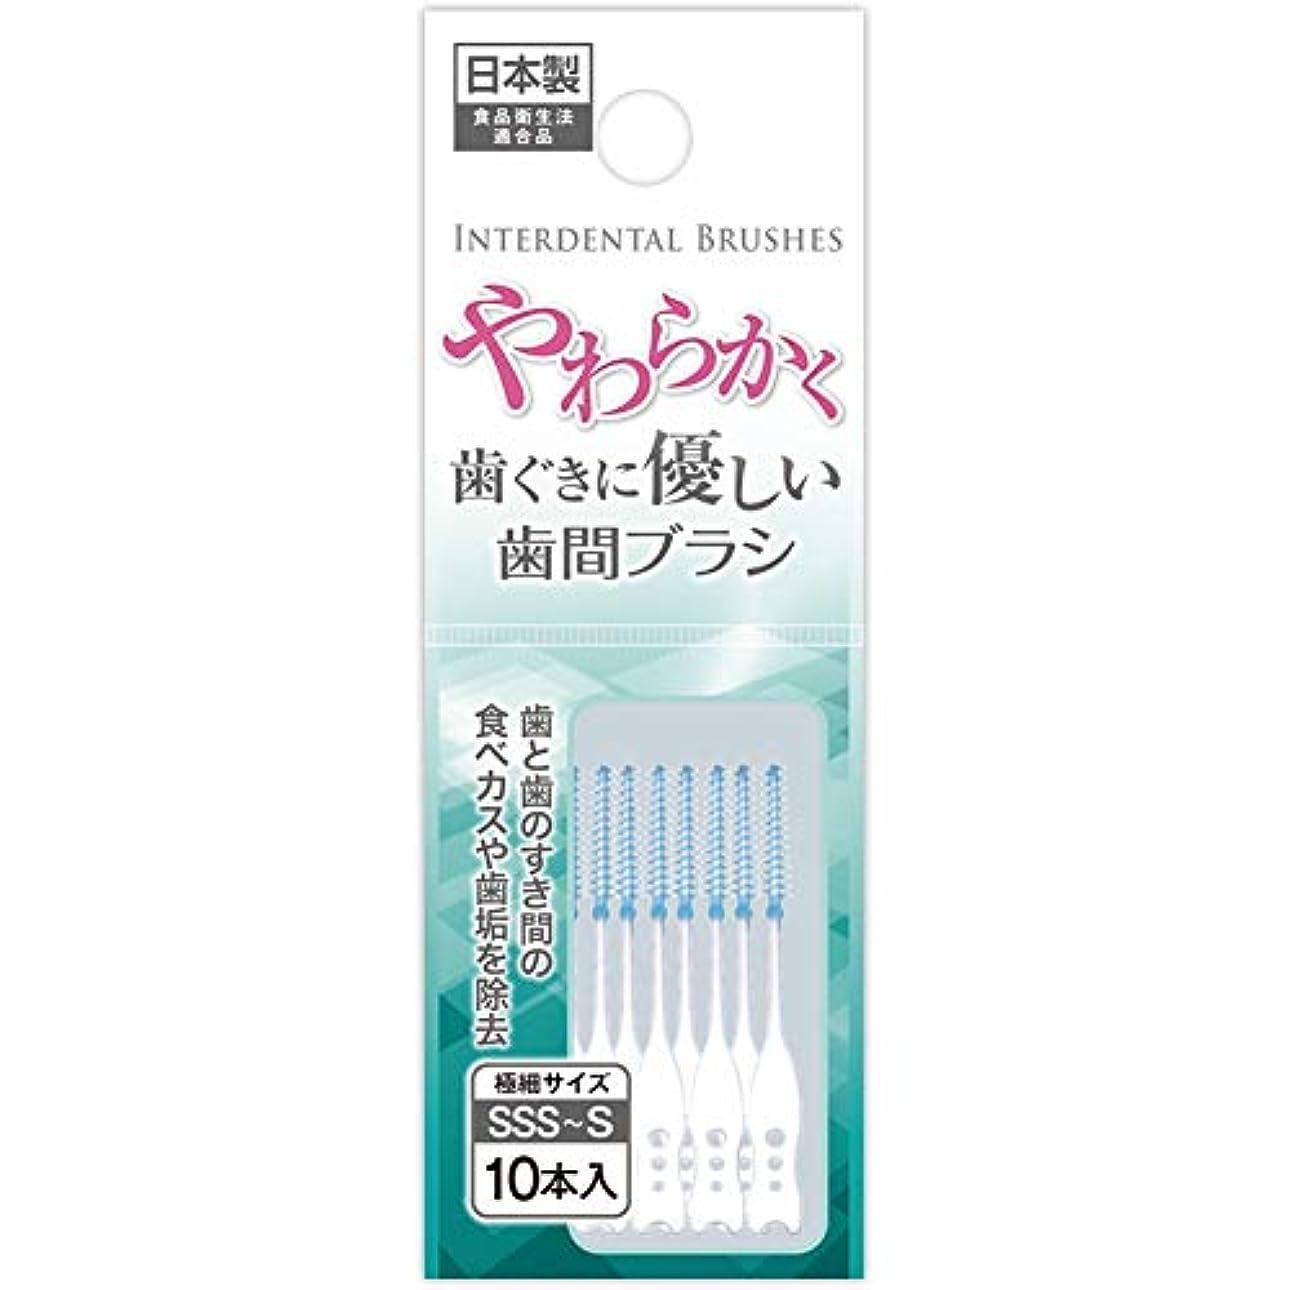 欠陥水没エンコミウム柔らかく優しい歯間ブラシSSS~S10本入 日本製 41-288【まとめ買い12個セット】